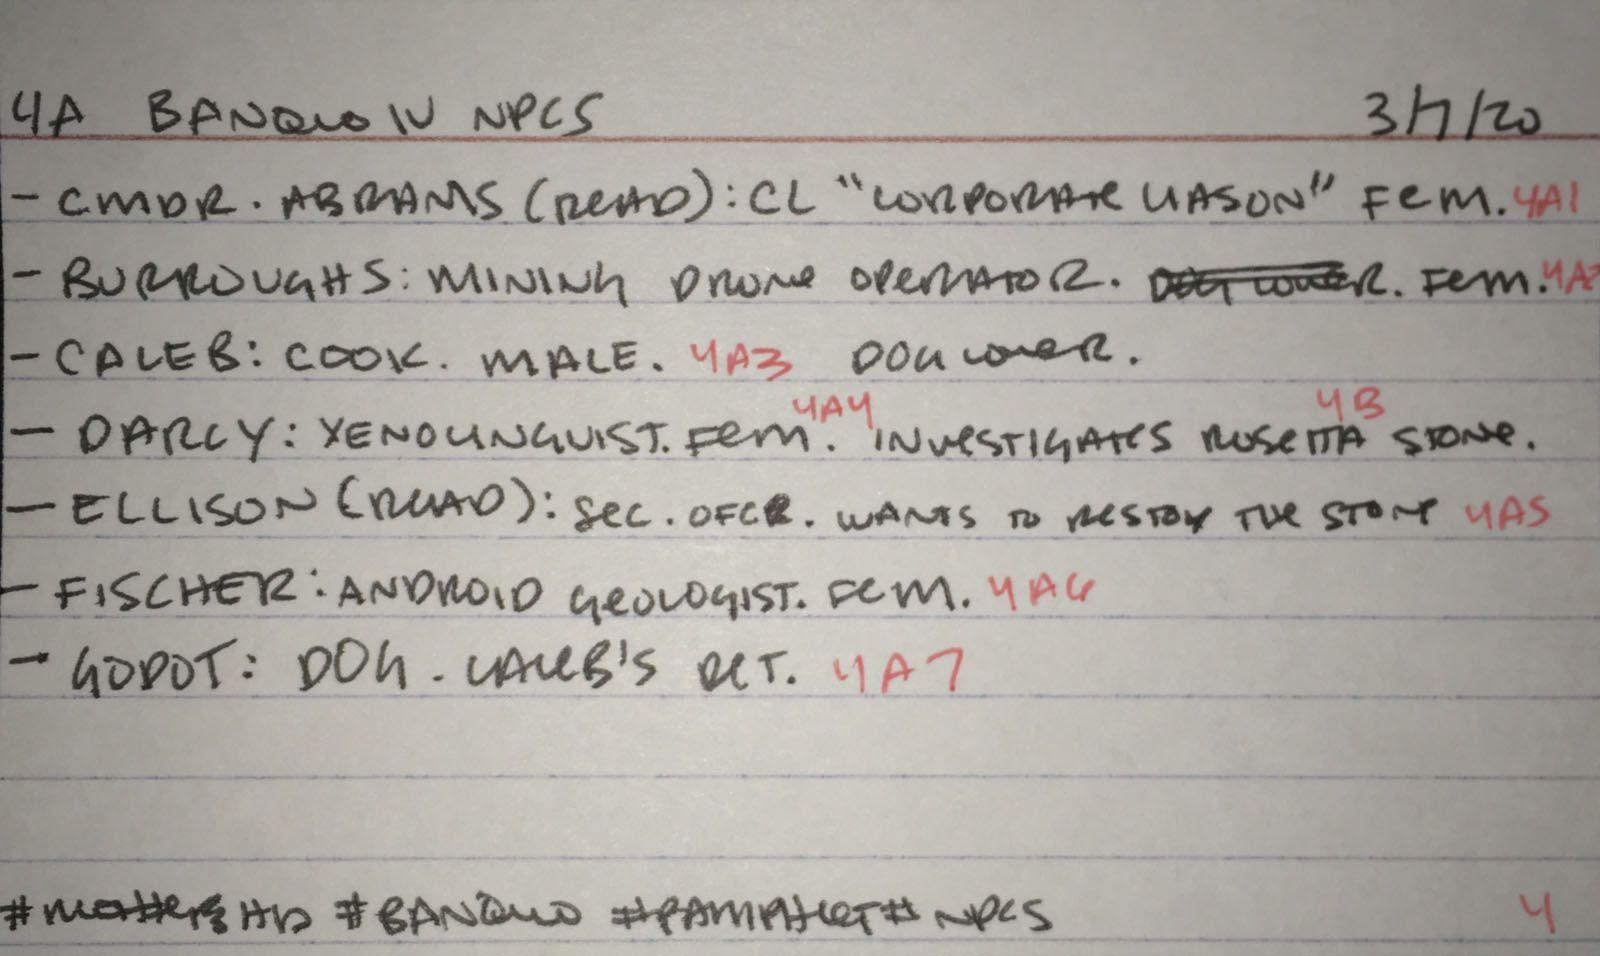 4a Banquo IV NPCs